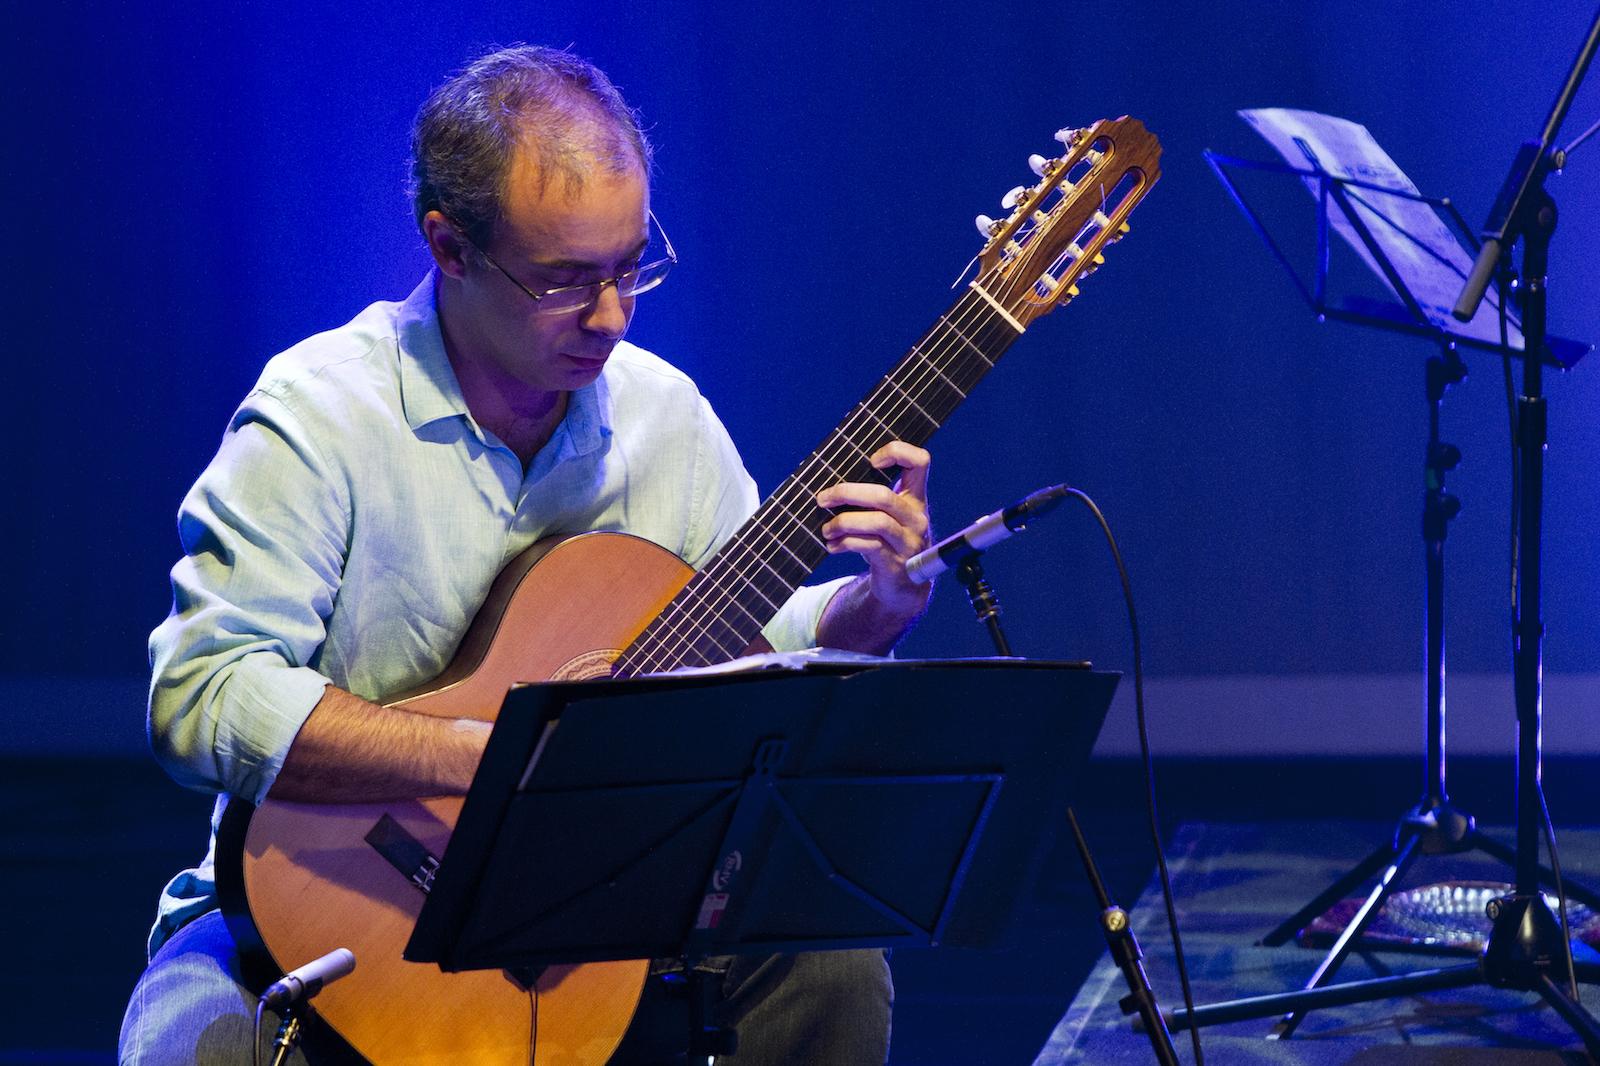 Carlos Chaves descreve como criou música selecionada do Concurso Novas 3 - Carlos Chaves. Crédito: Renan Perobelli